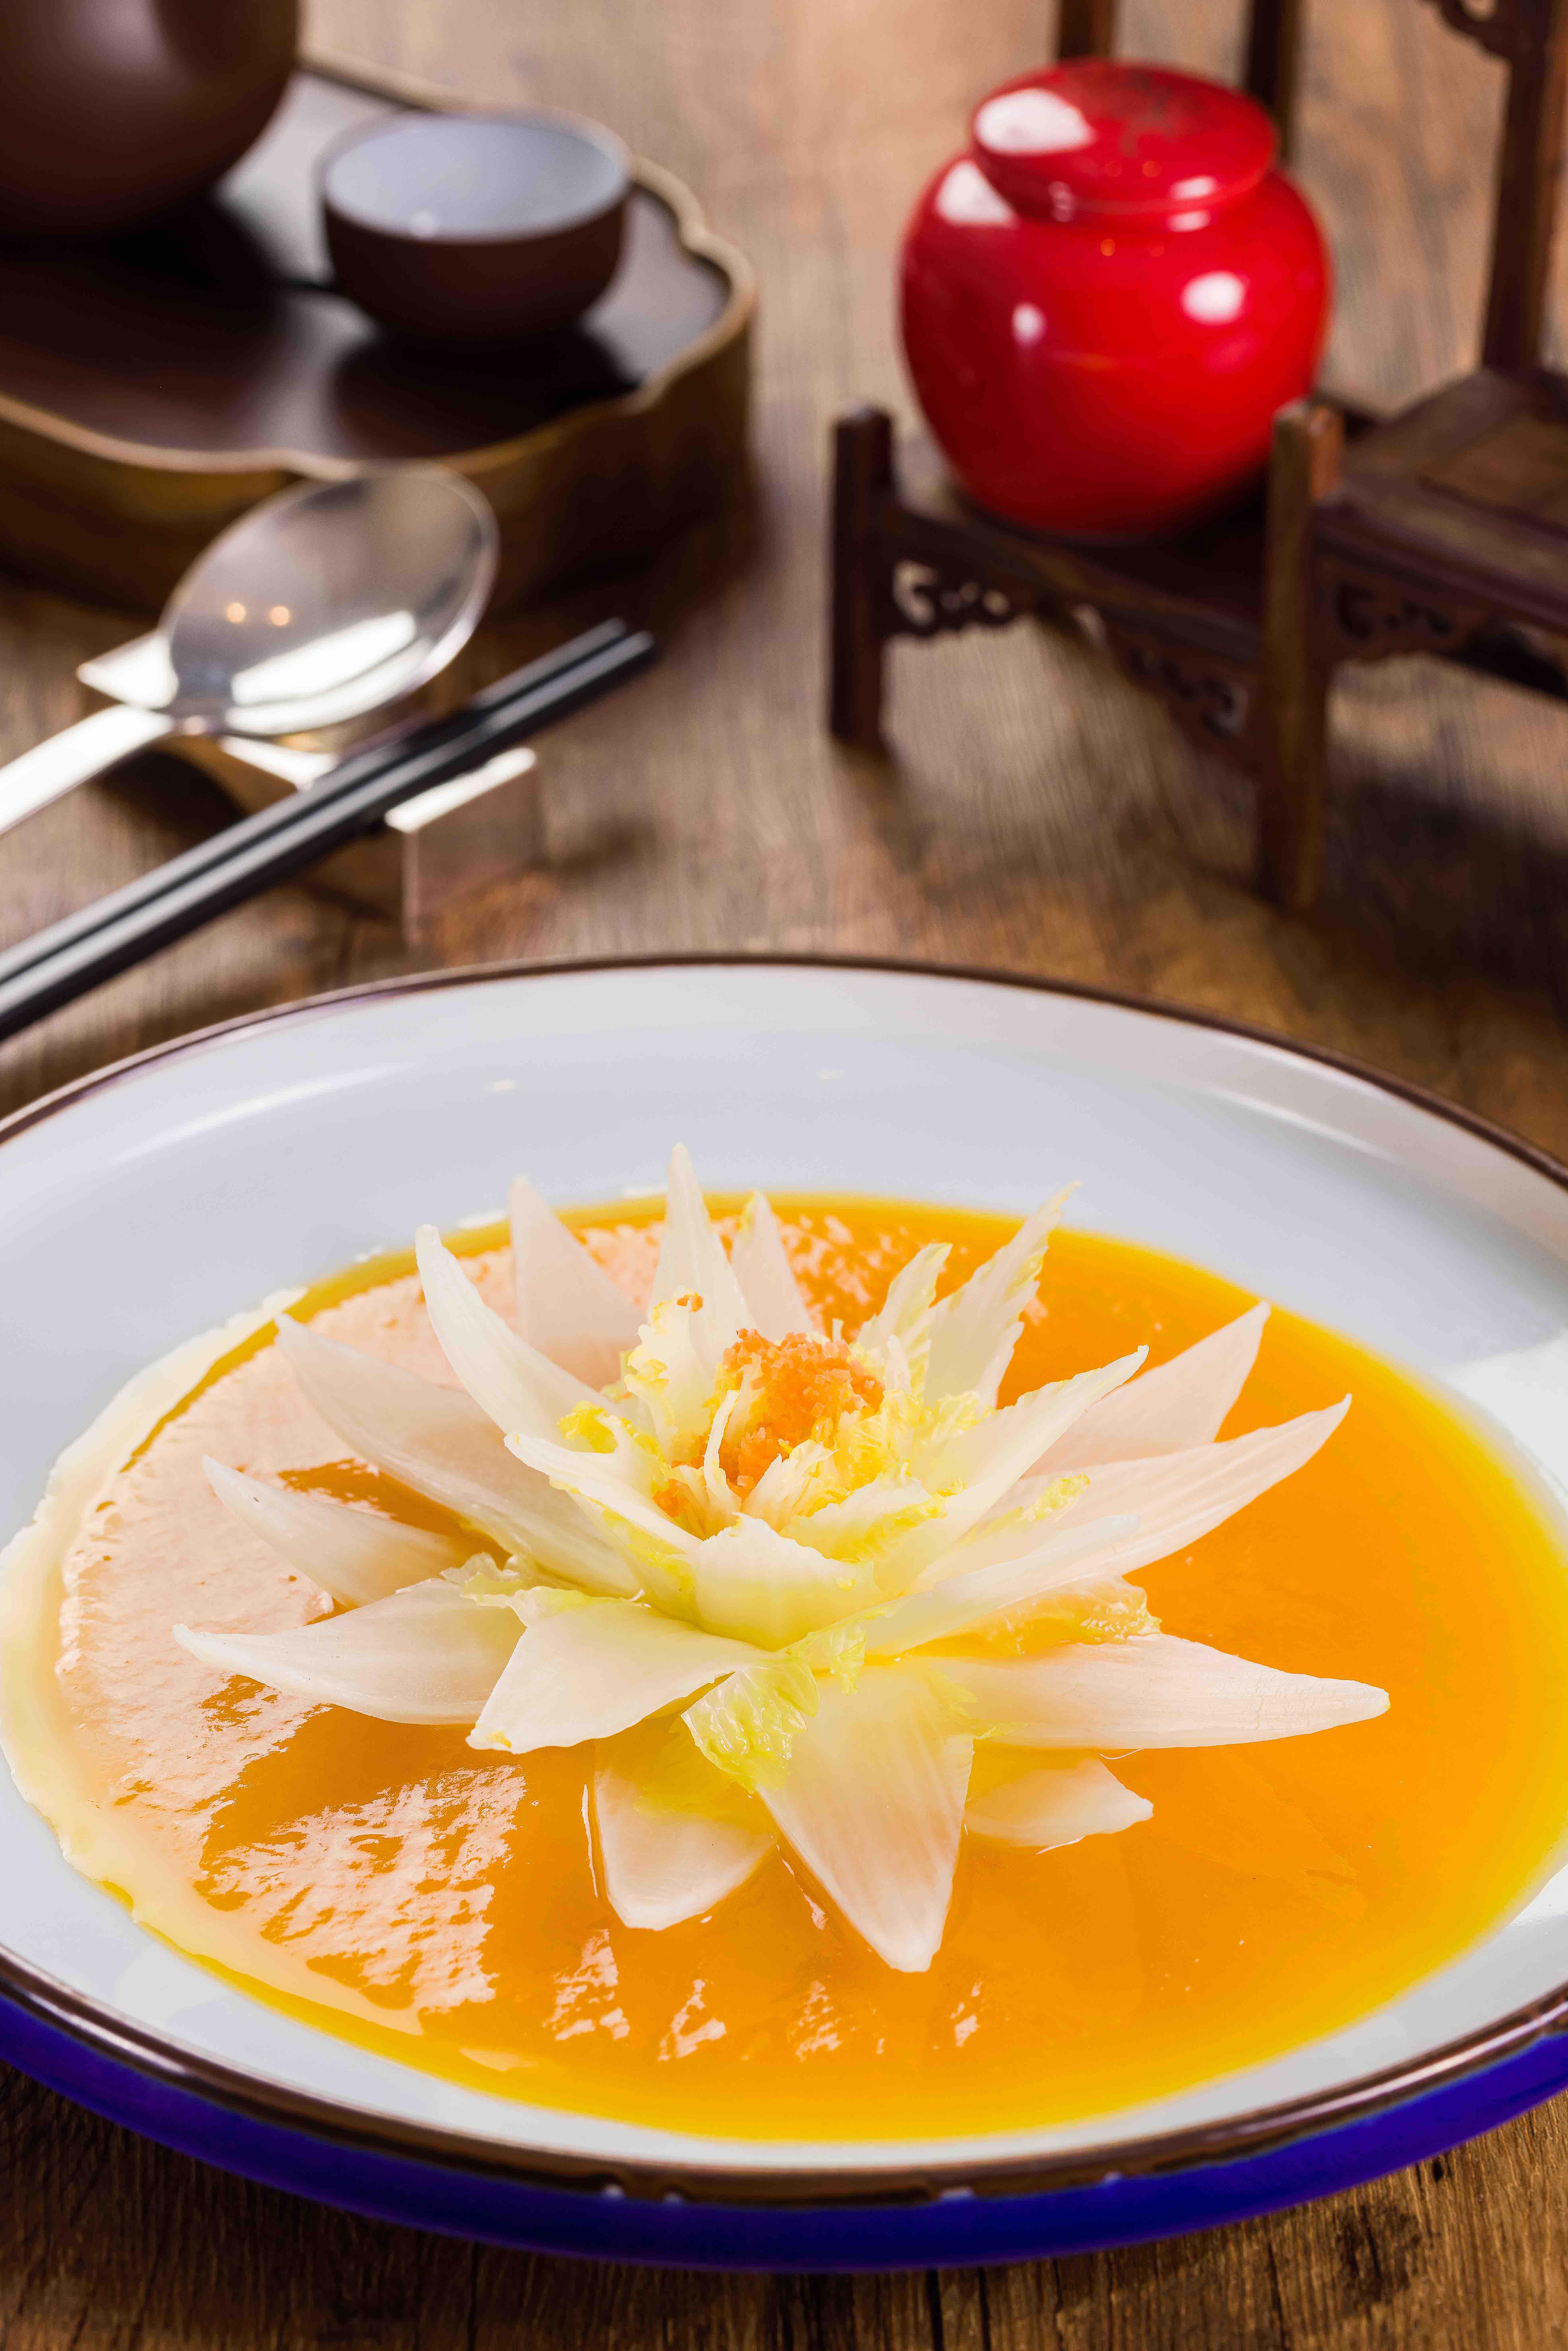 上海 | 宝华万豪酒店万豪中餐厅诚献全新零点菜单